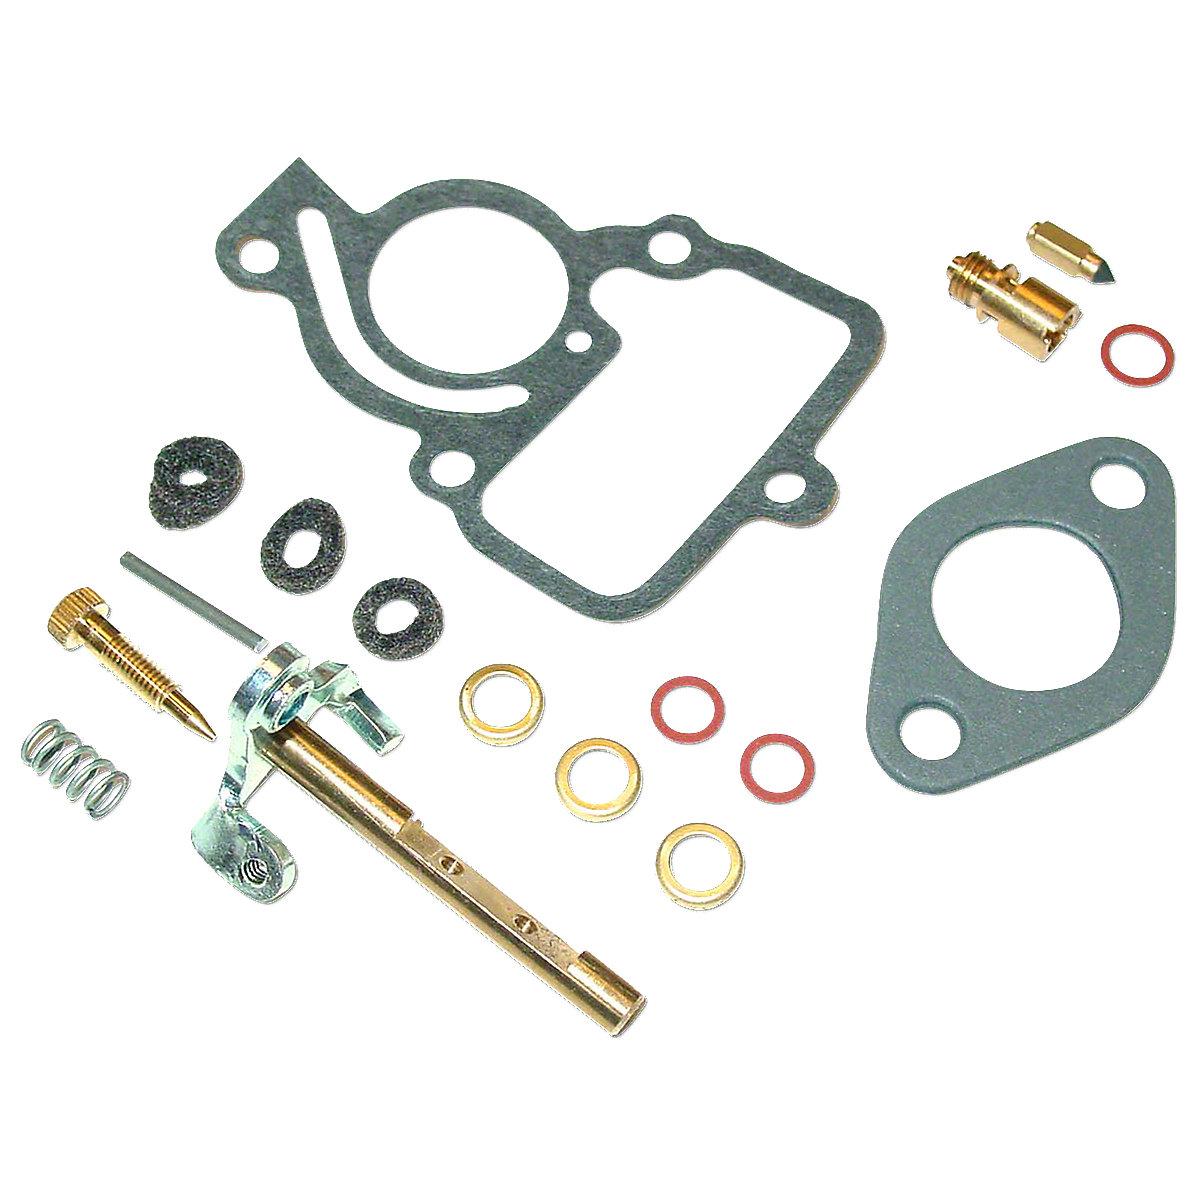 Basic Carburetor Repair Kit for IH Carbs - Fits Cub, Cub Loboy, 154